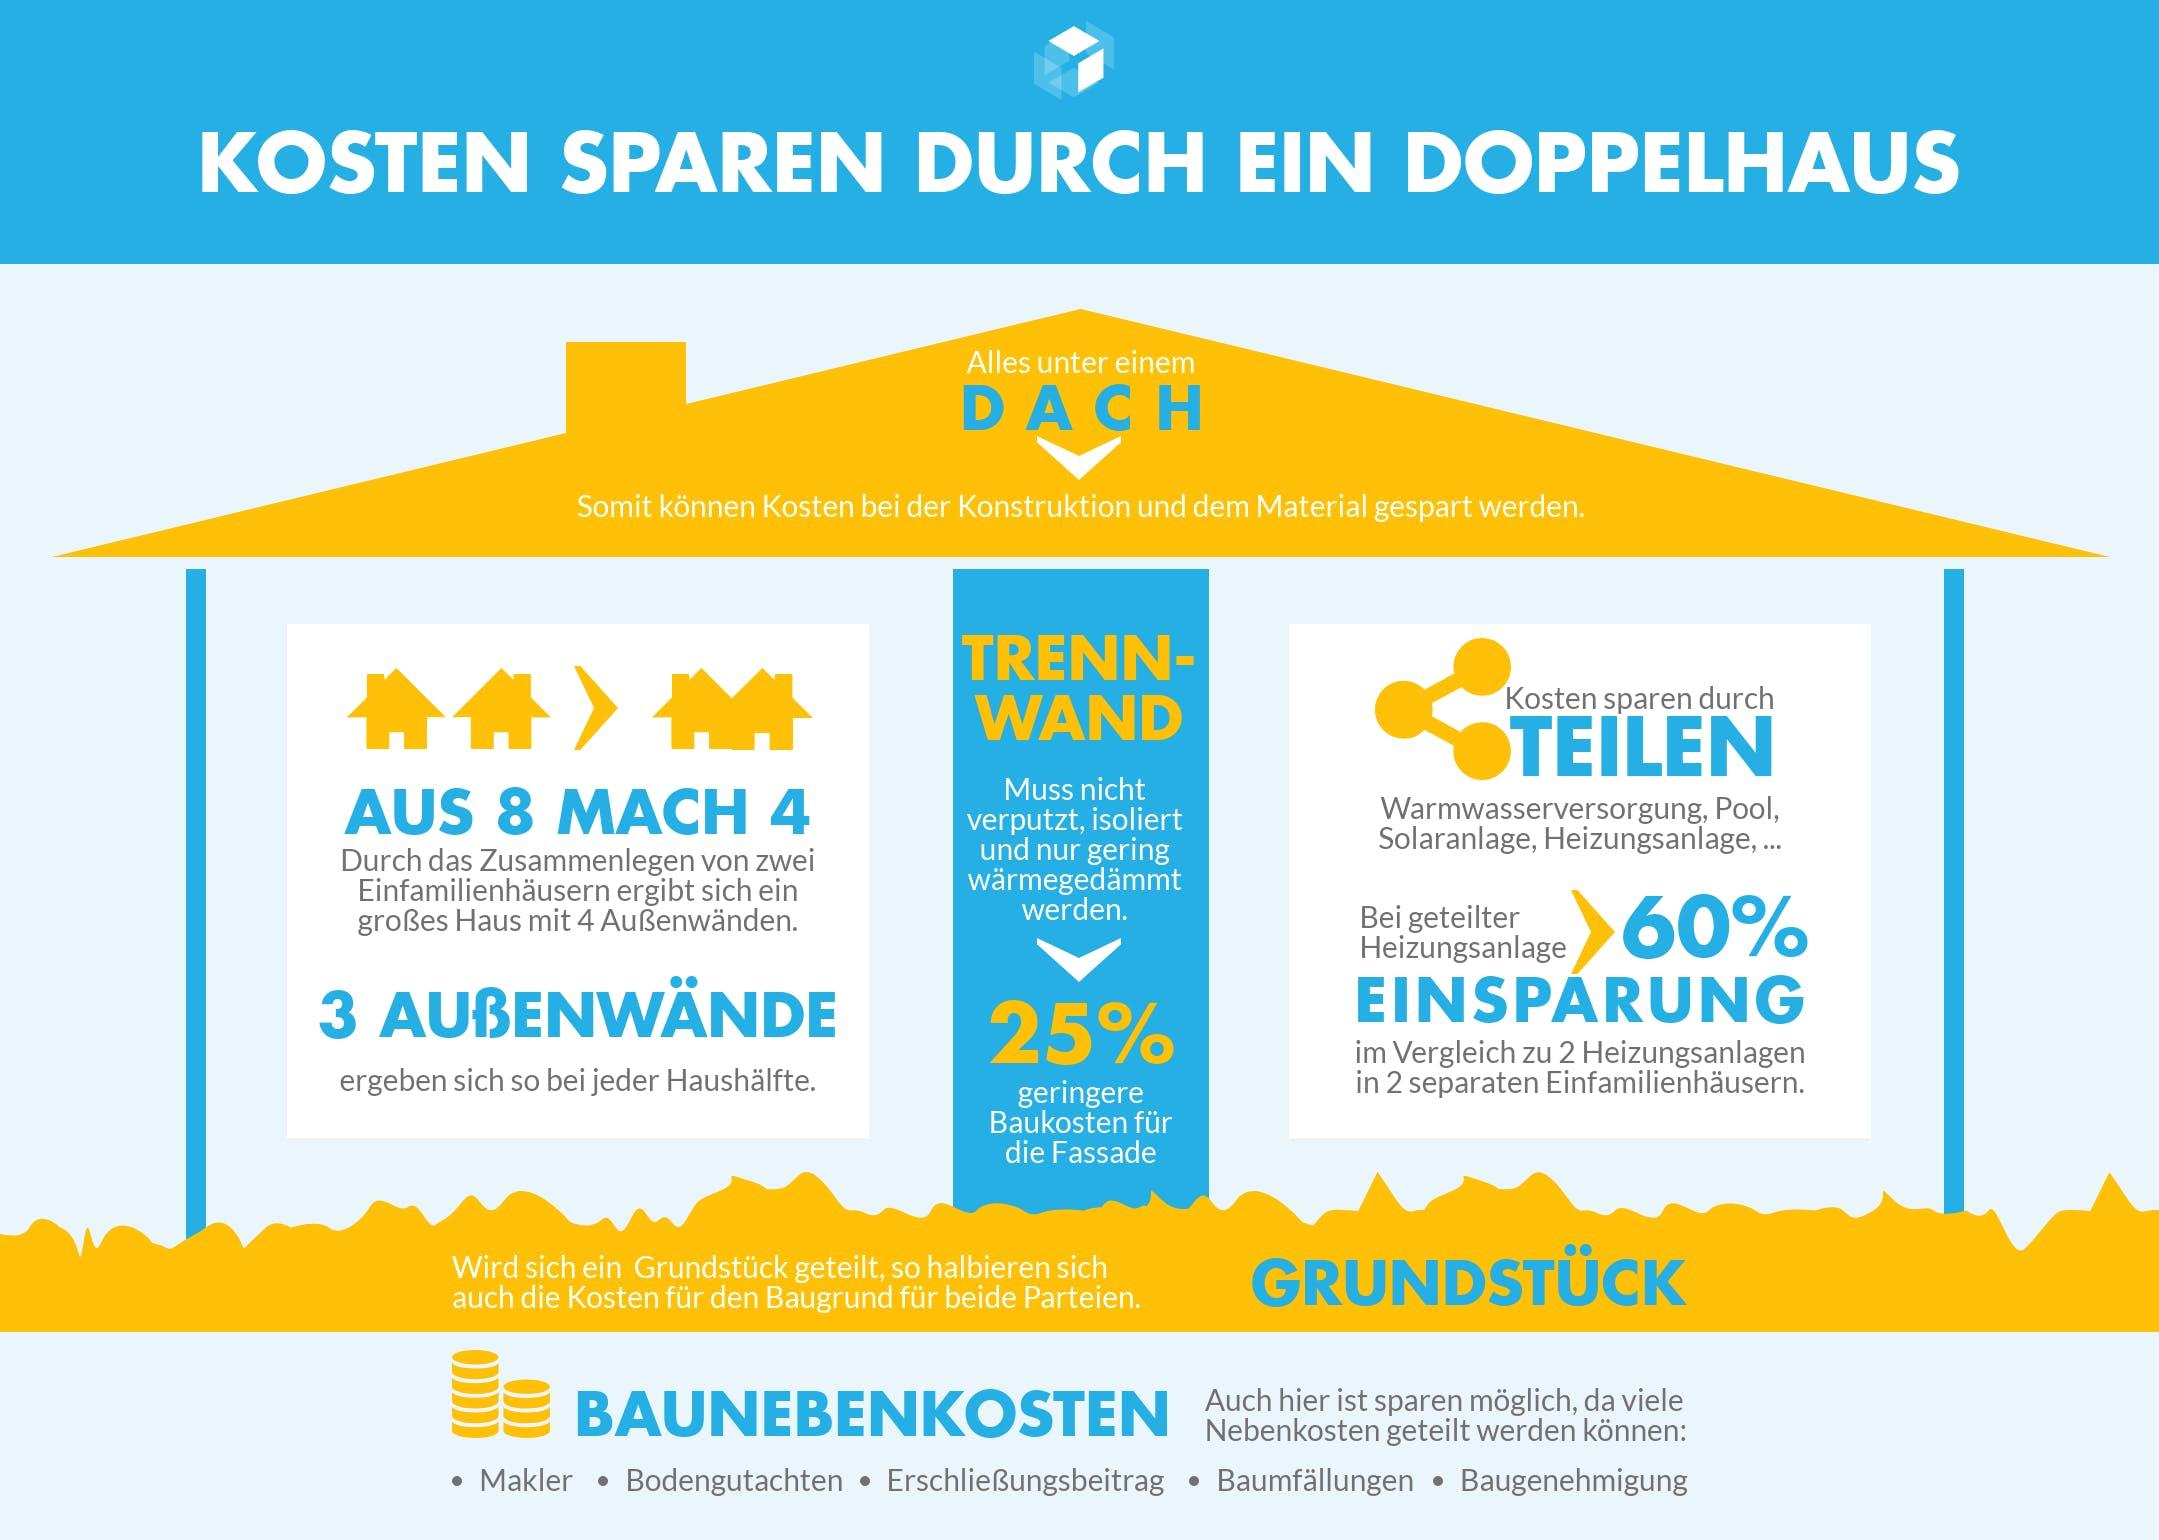 Infografik mit den Kostenersparnissen bei einem Doppelhaus